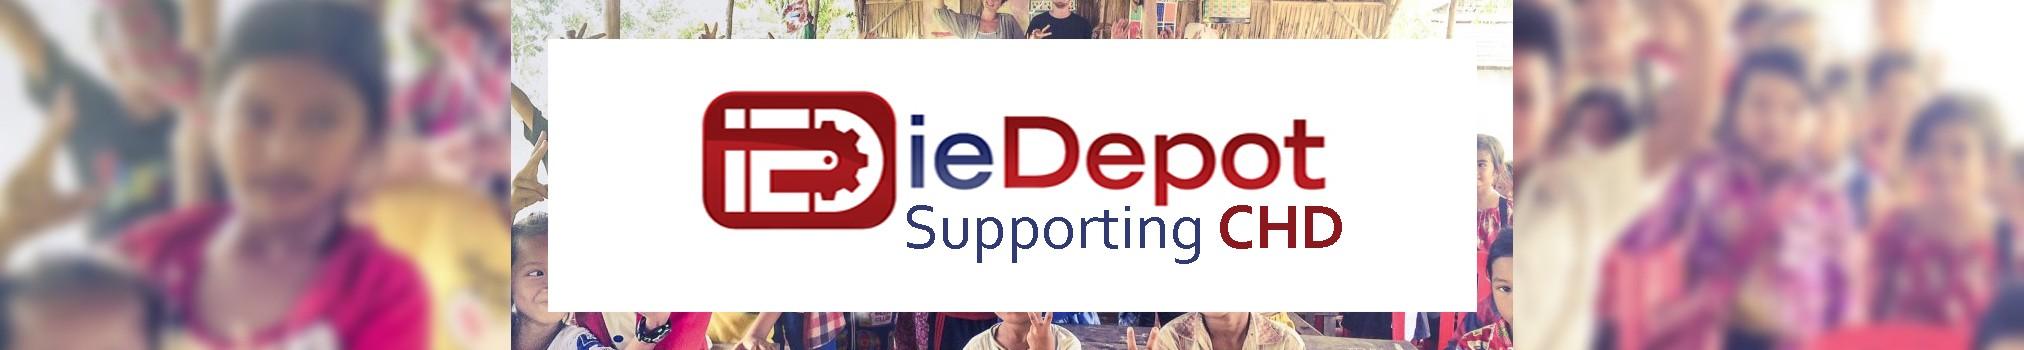 ieDepot Support CHD Banner